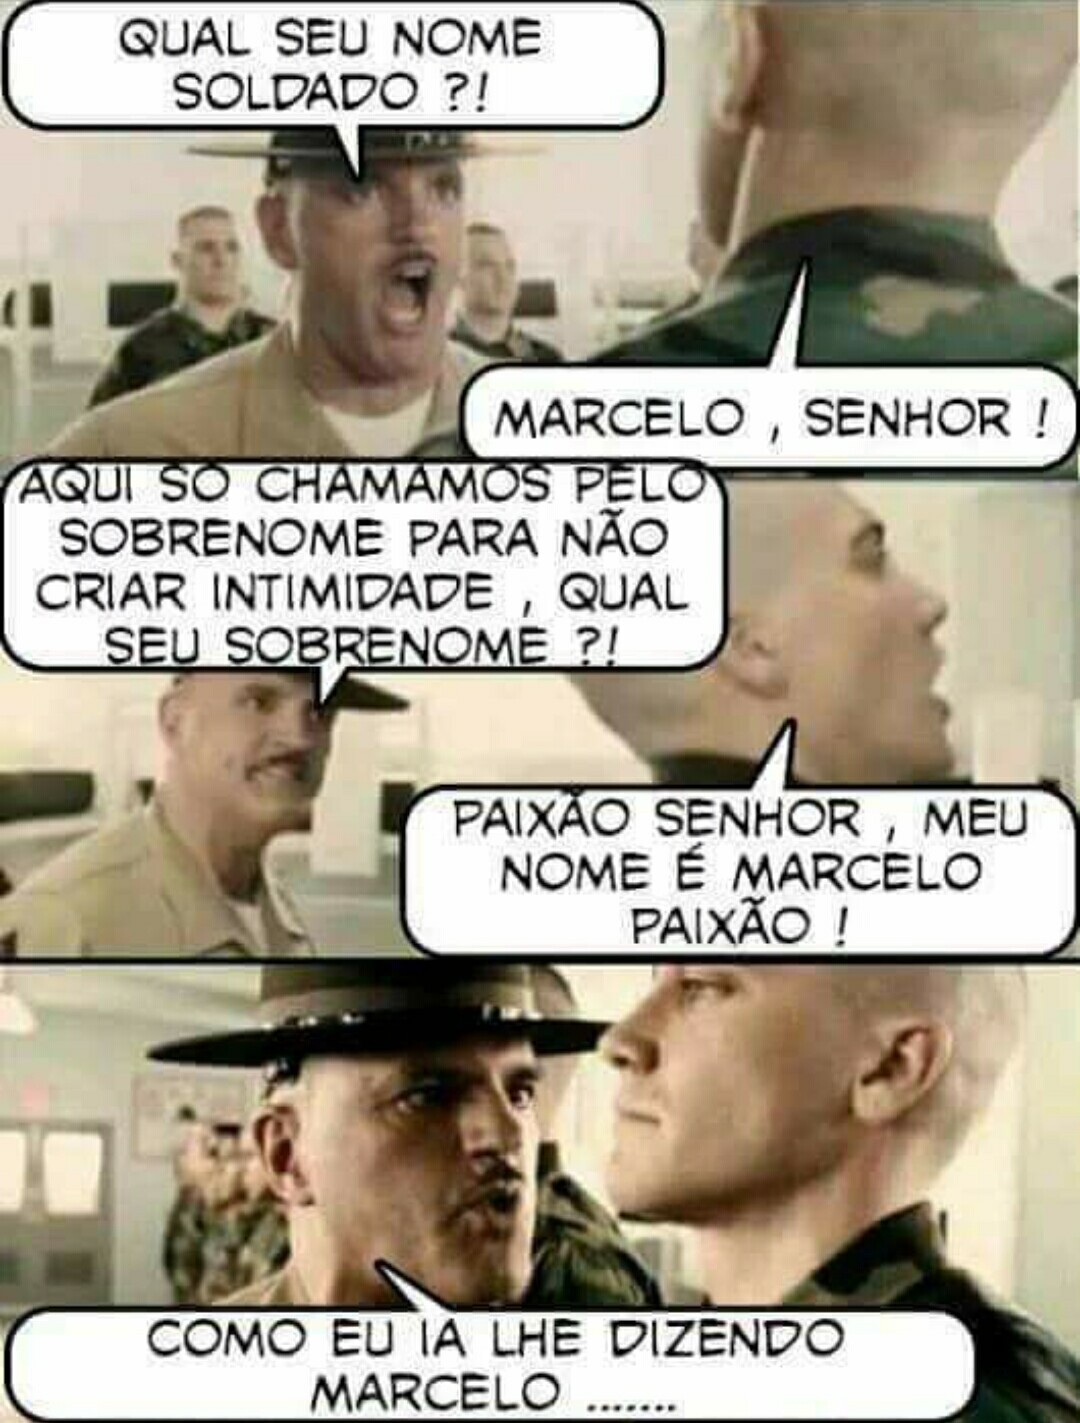 Paixão - meme